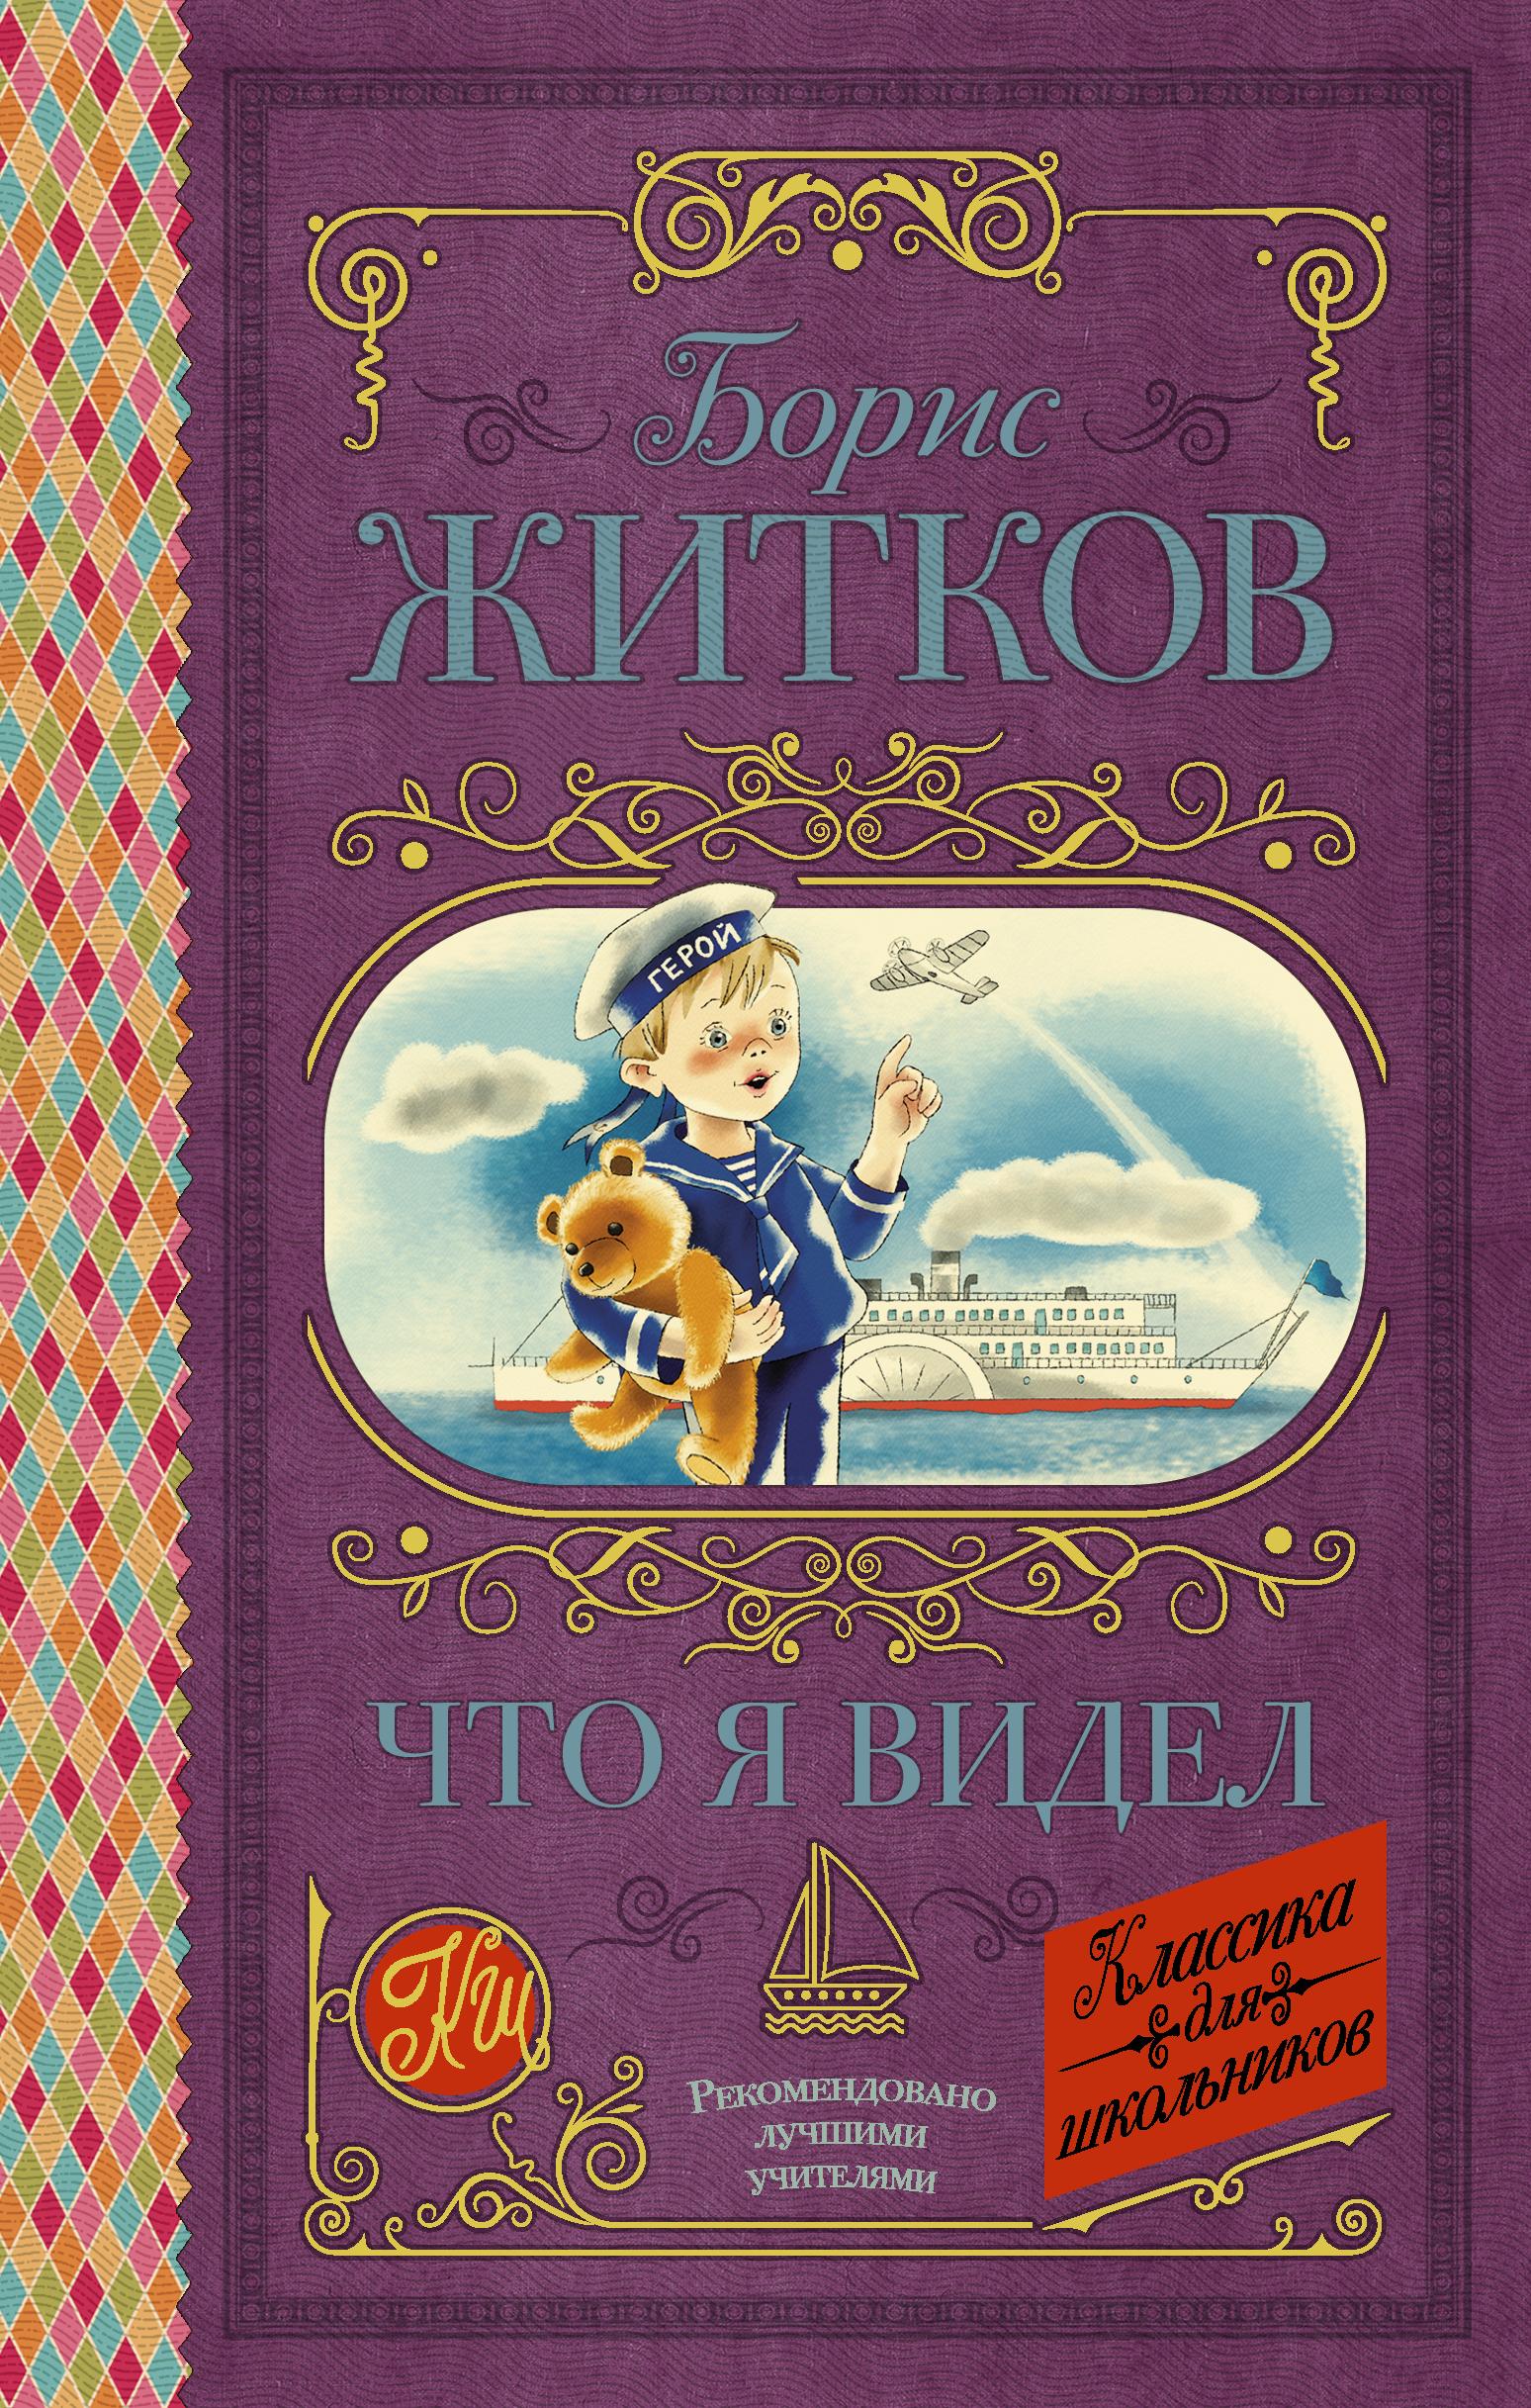 Борис Житков Что я видел борис житков борис житков рассказы о животных